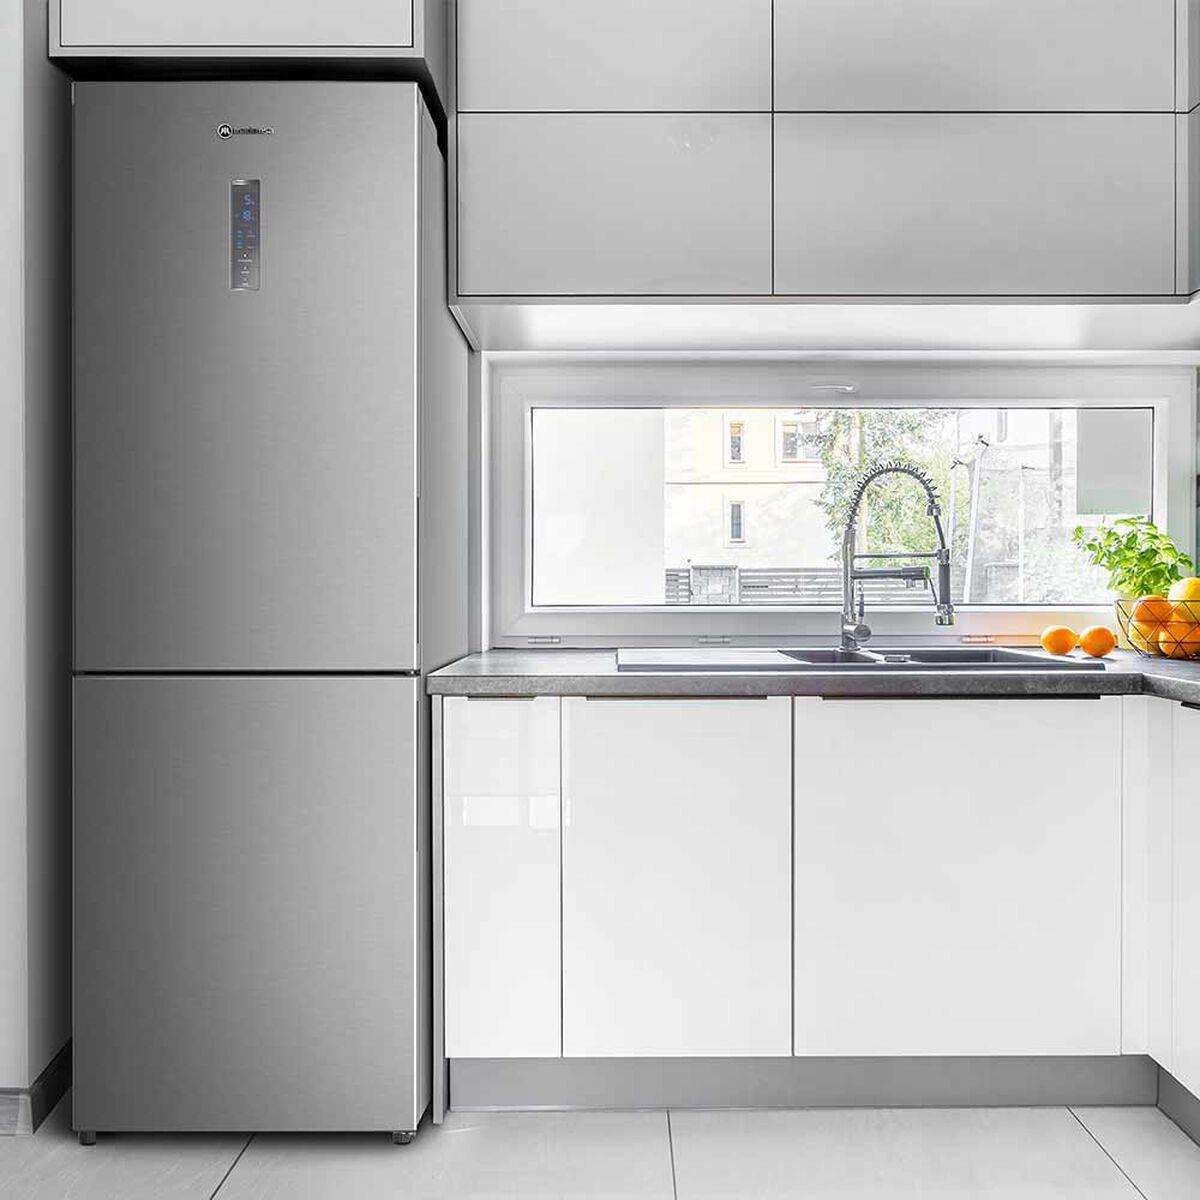 Refrigerador No Frost Mademsa MBF60X 322 lt